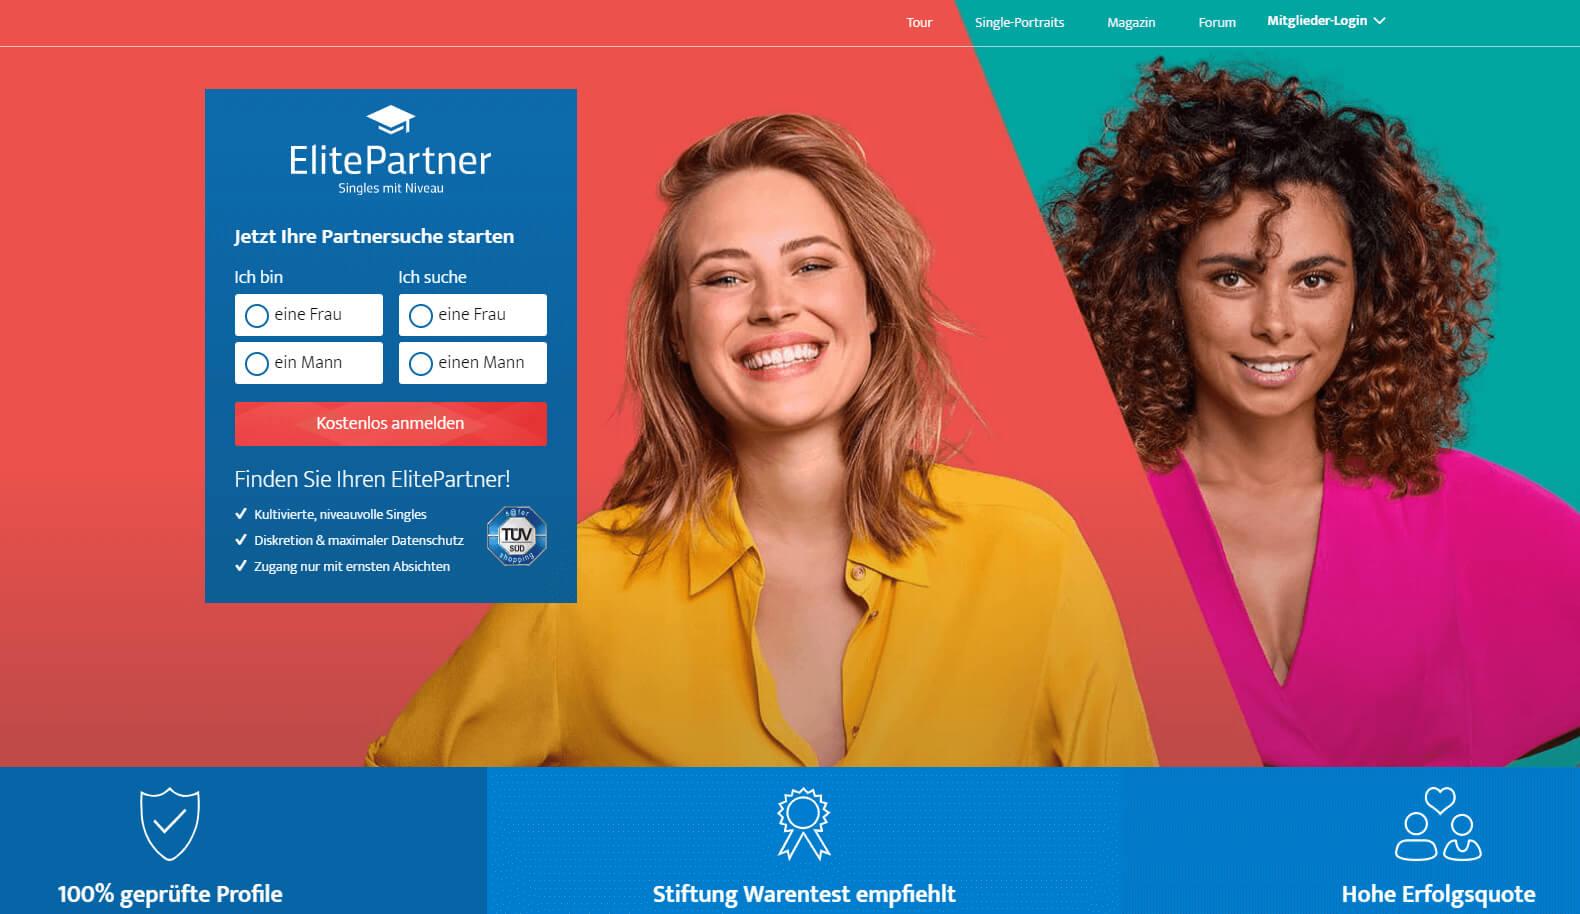 ElitePartner Startseite